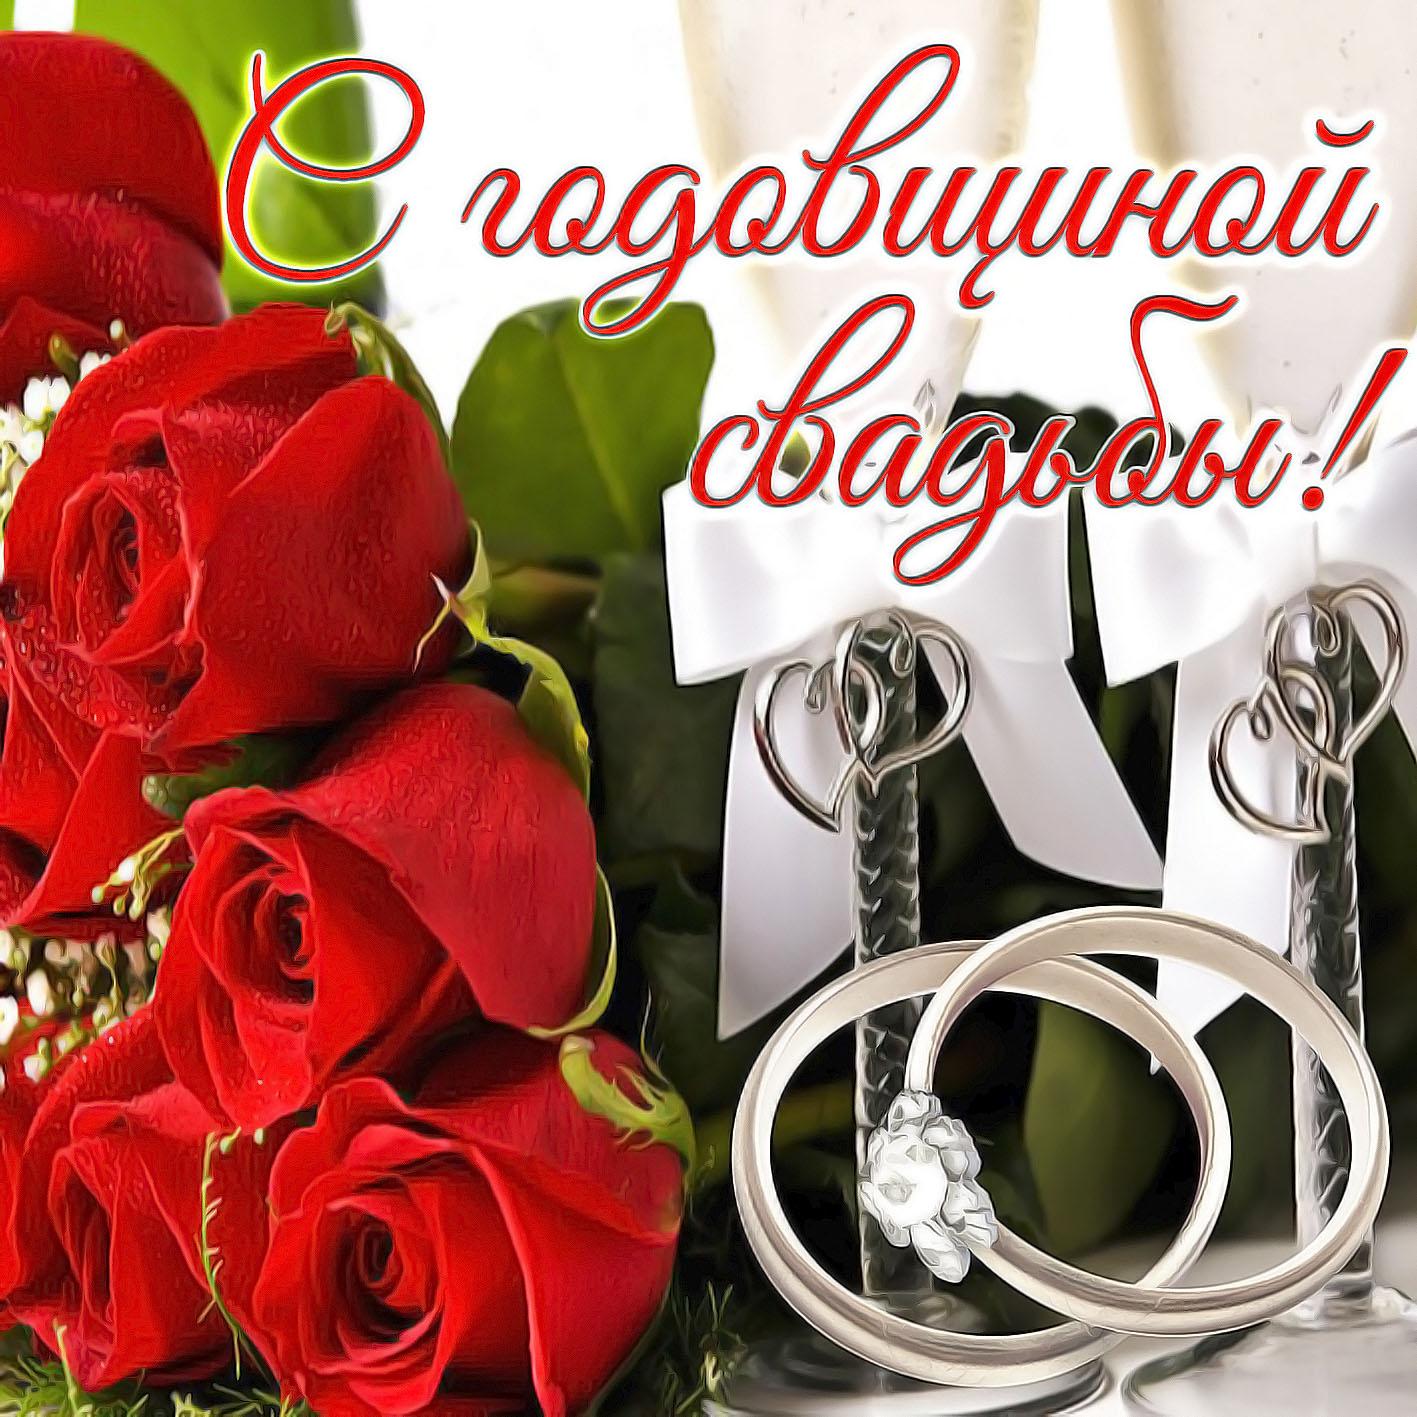 Летним, поздравление картинкой на годовщину свадьбы